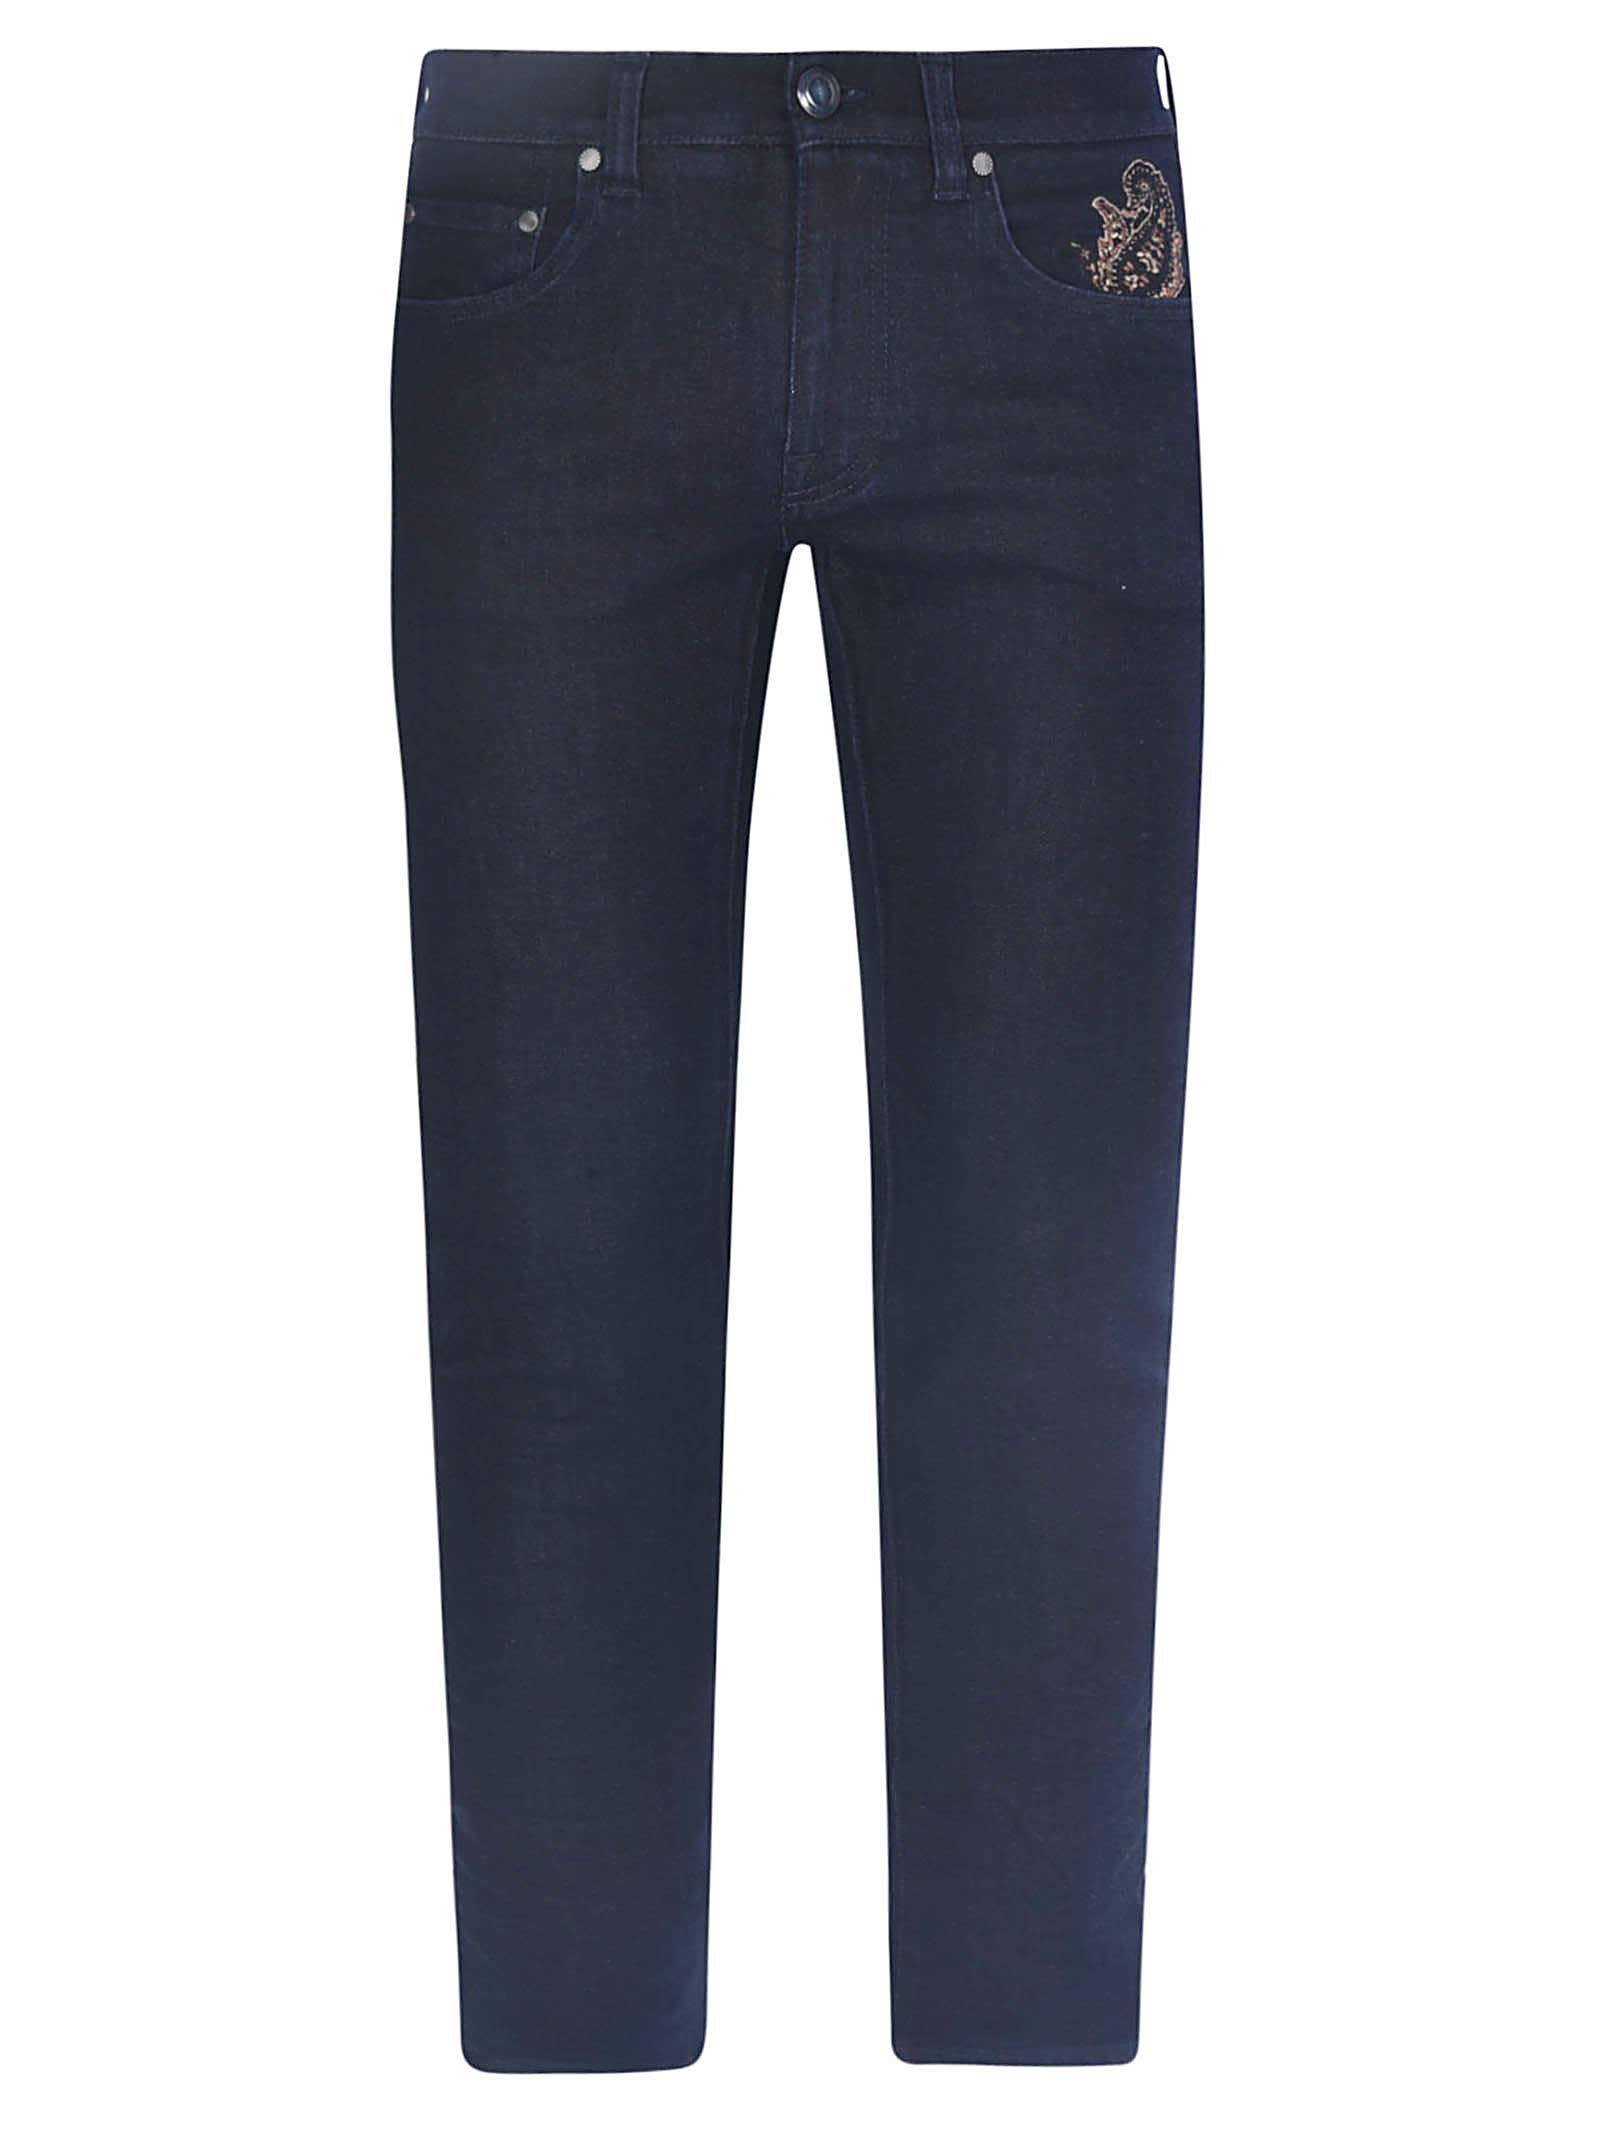 Etro New Slim Stretch Artigianale Jeans